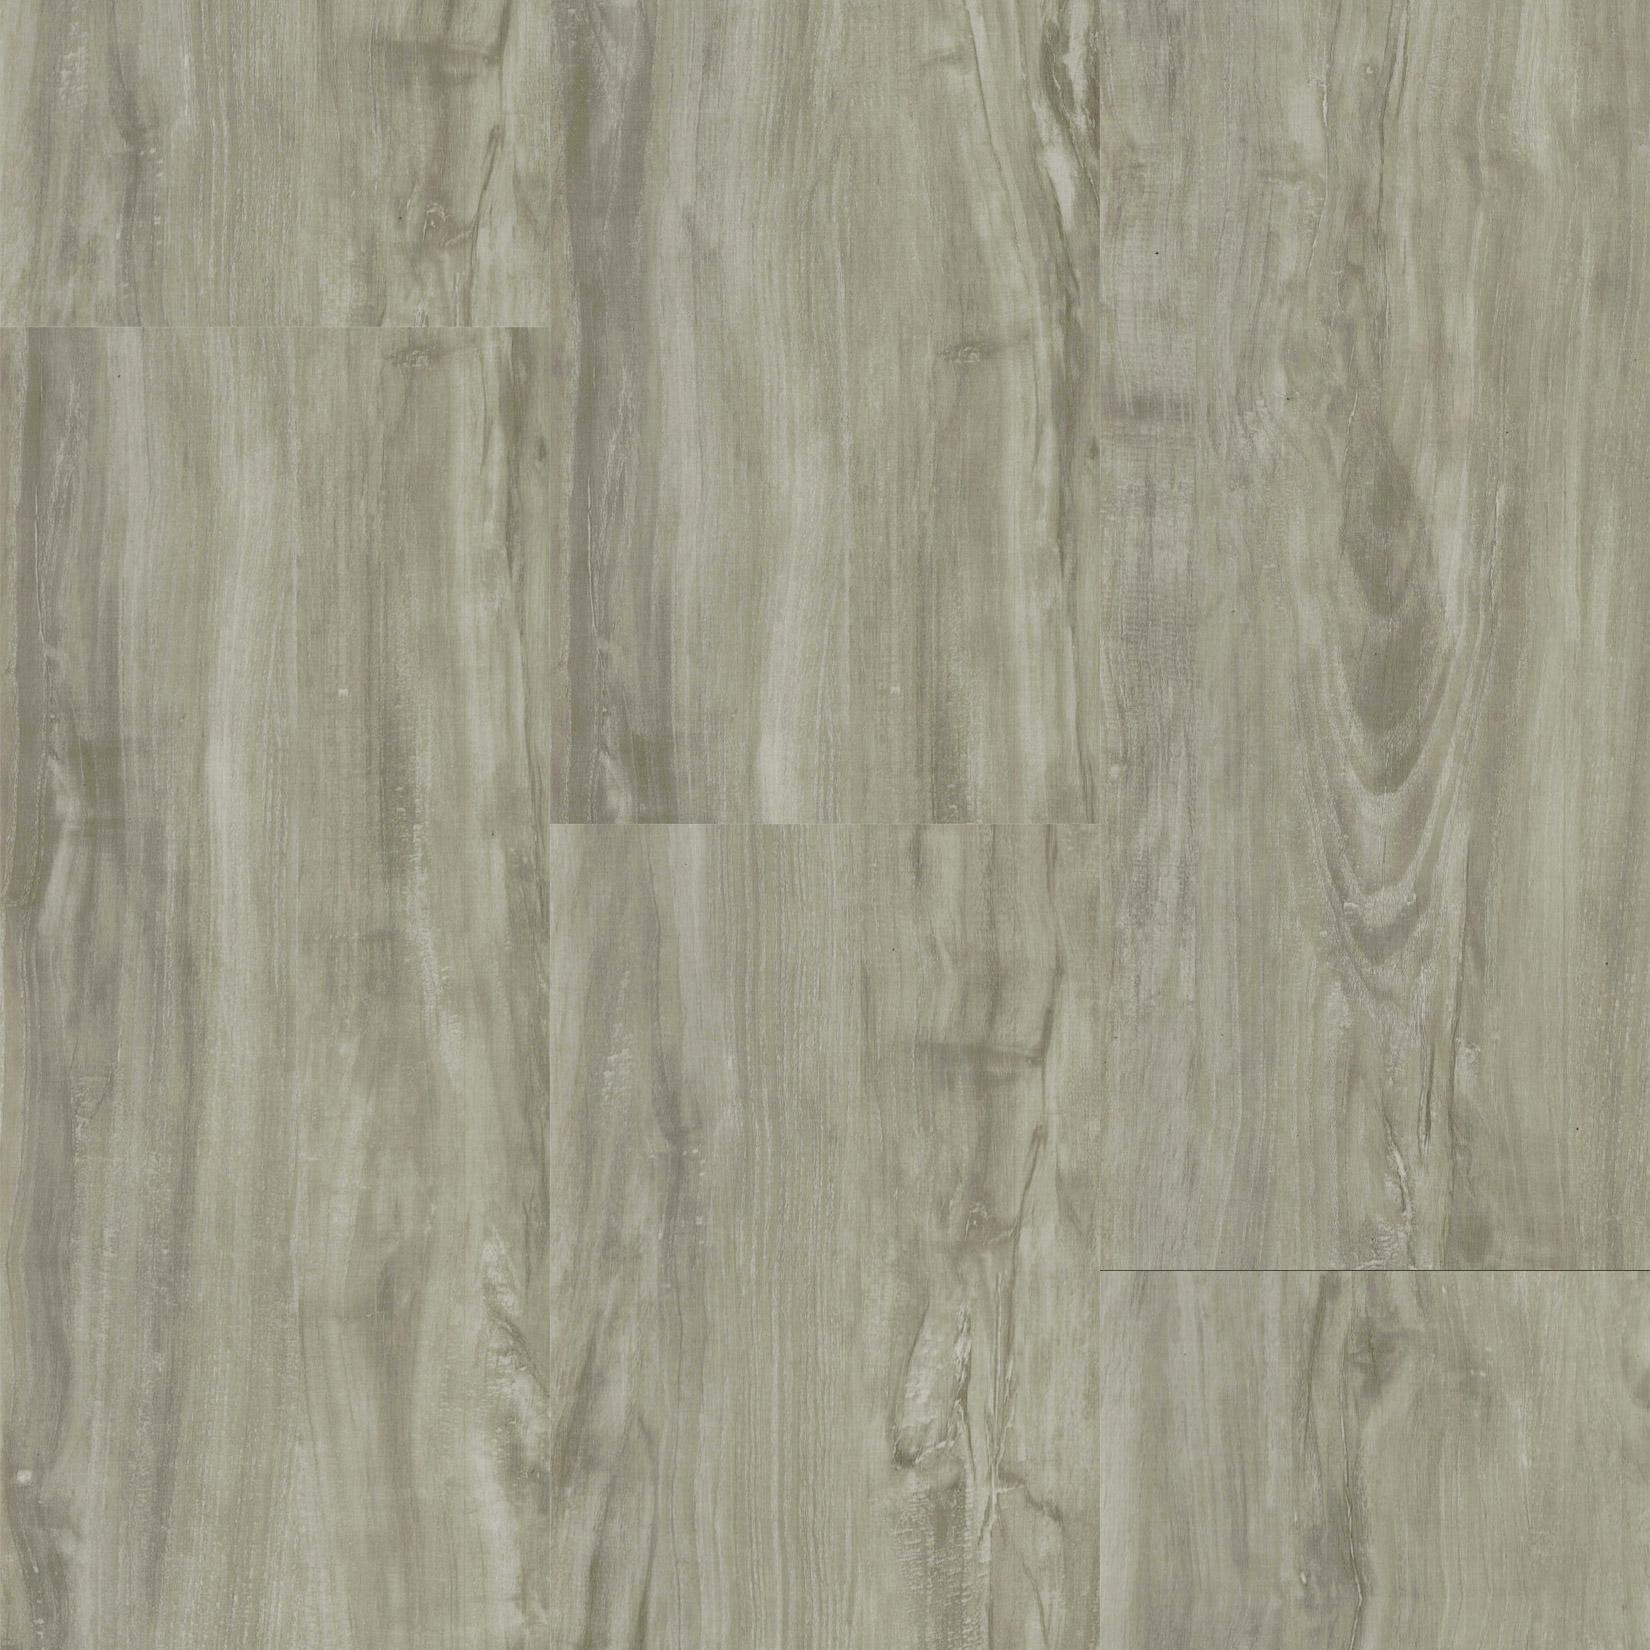 Supreme Elite Freedom Series Parliament Gray Oak Waterproof Loose Lay Vinyl Plank Flooring